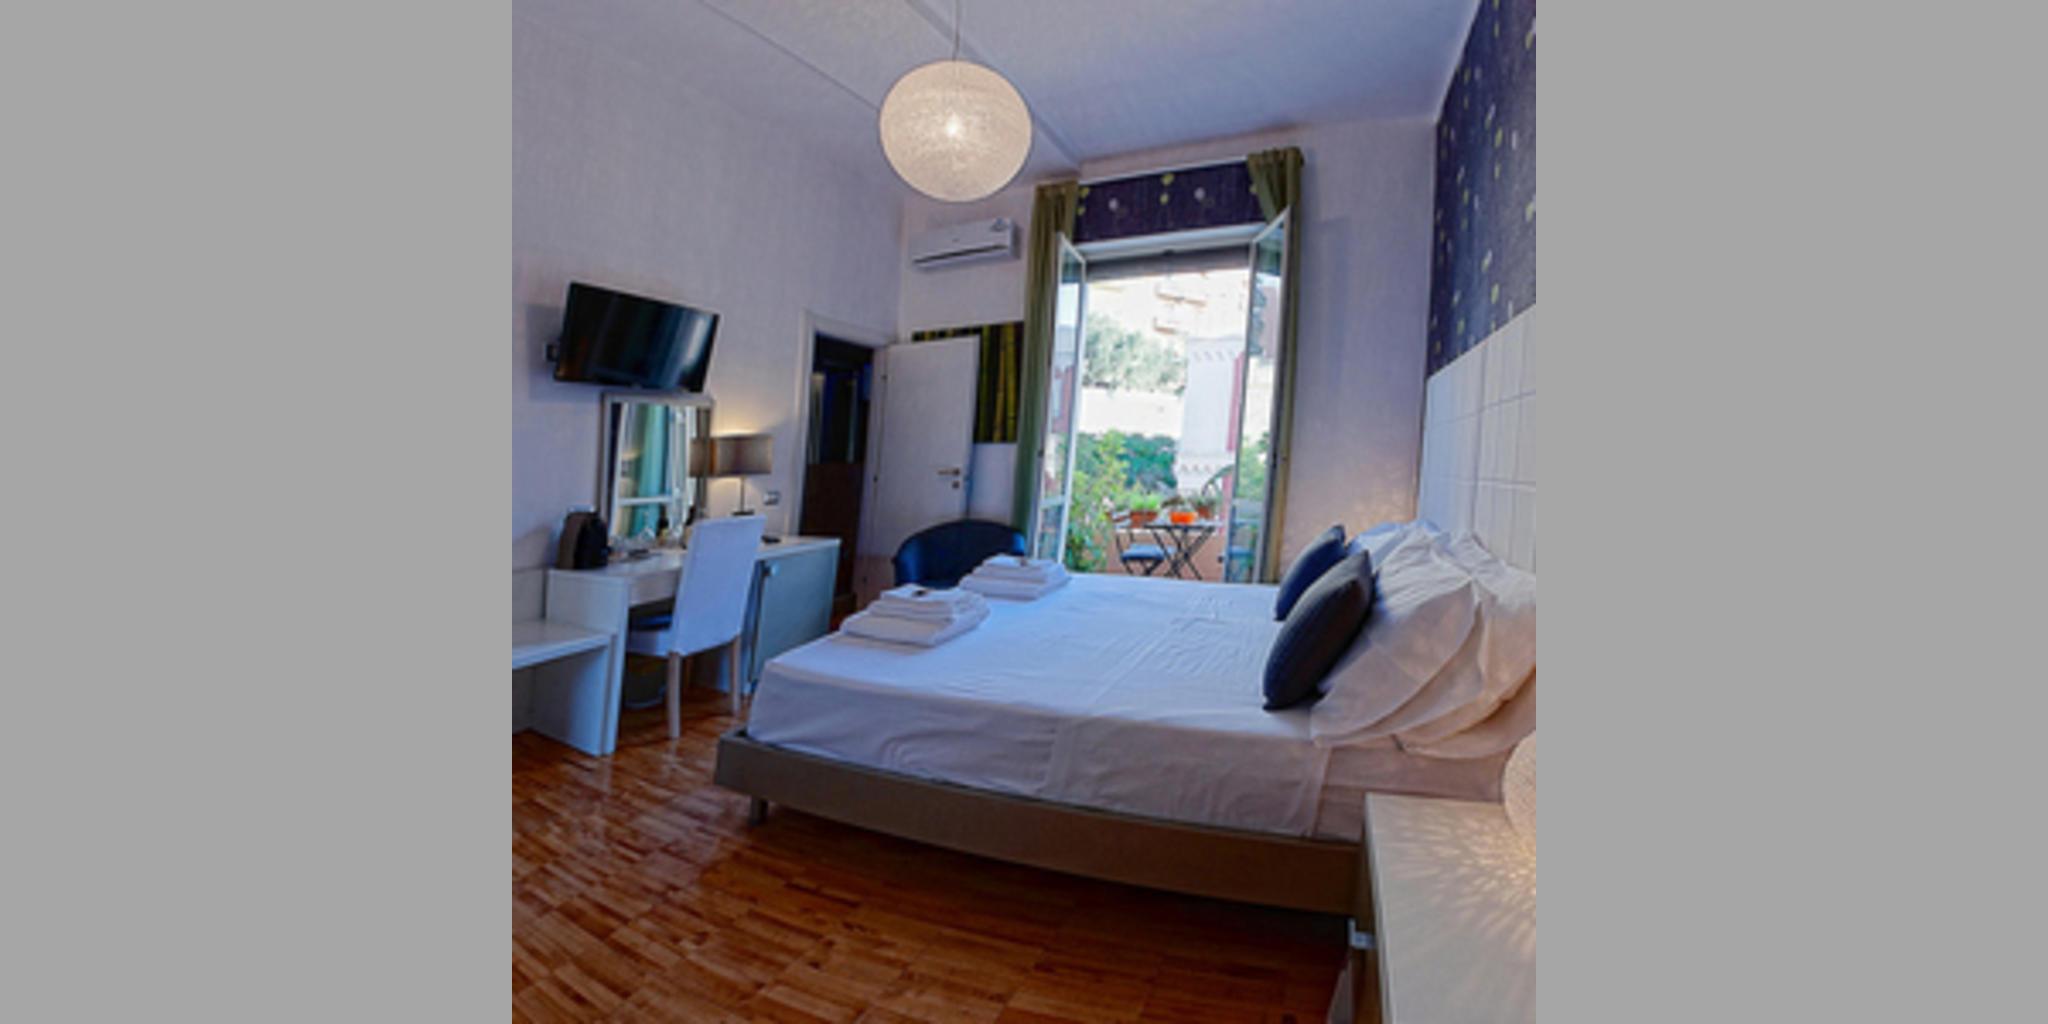 Bed & Breakfast Reggio Di Calabria - B&B A Reggio Calabria